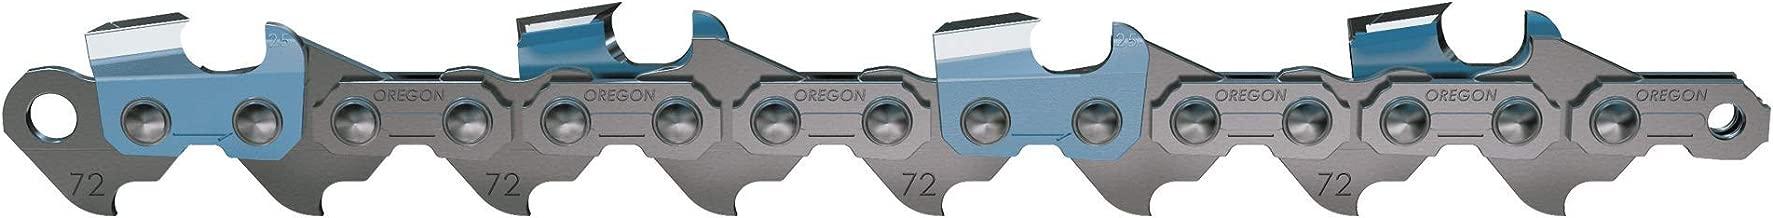 OREGON 72LPX066G 66 Drive Link Super 70 Chisel Chain, 3/8-Inch